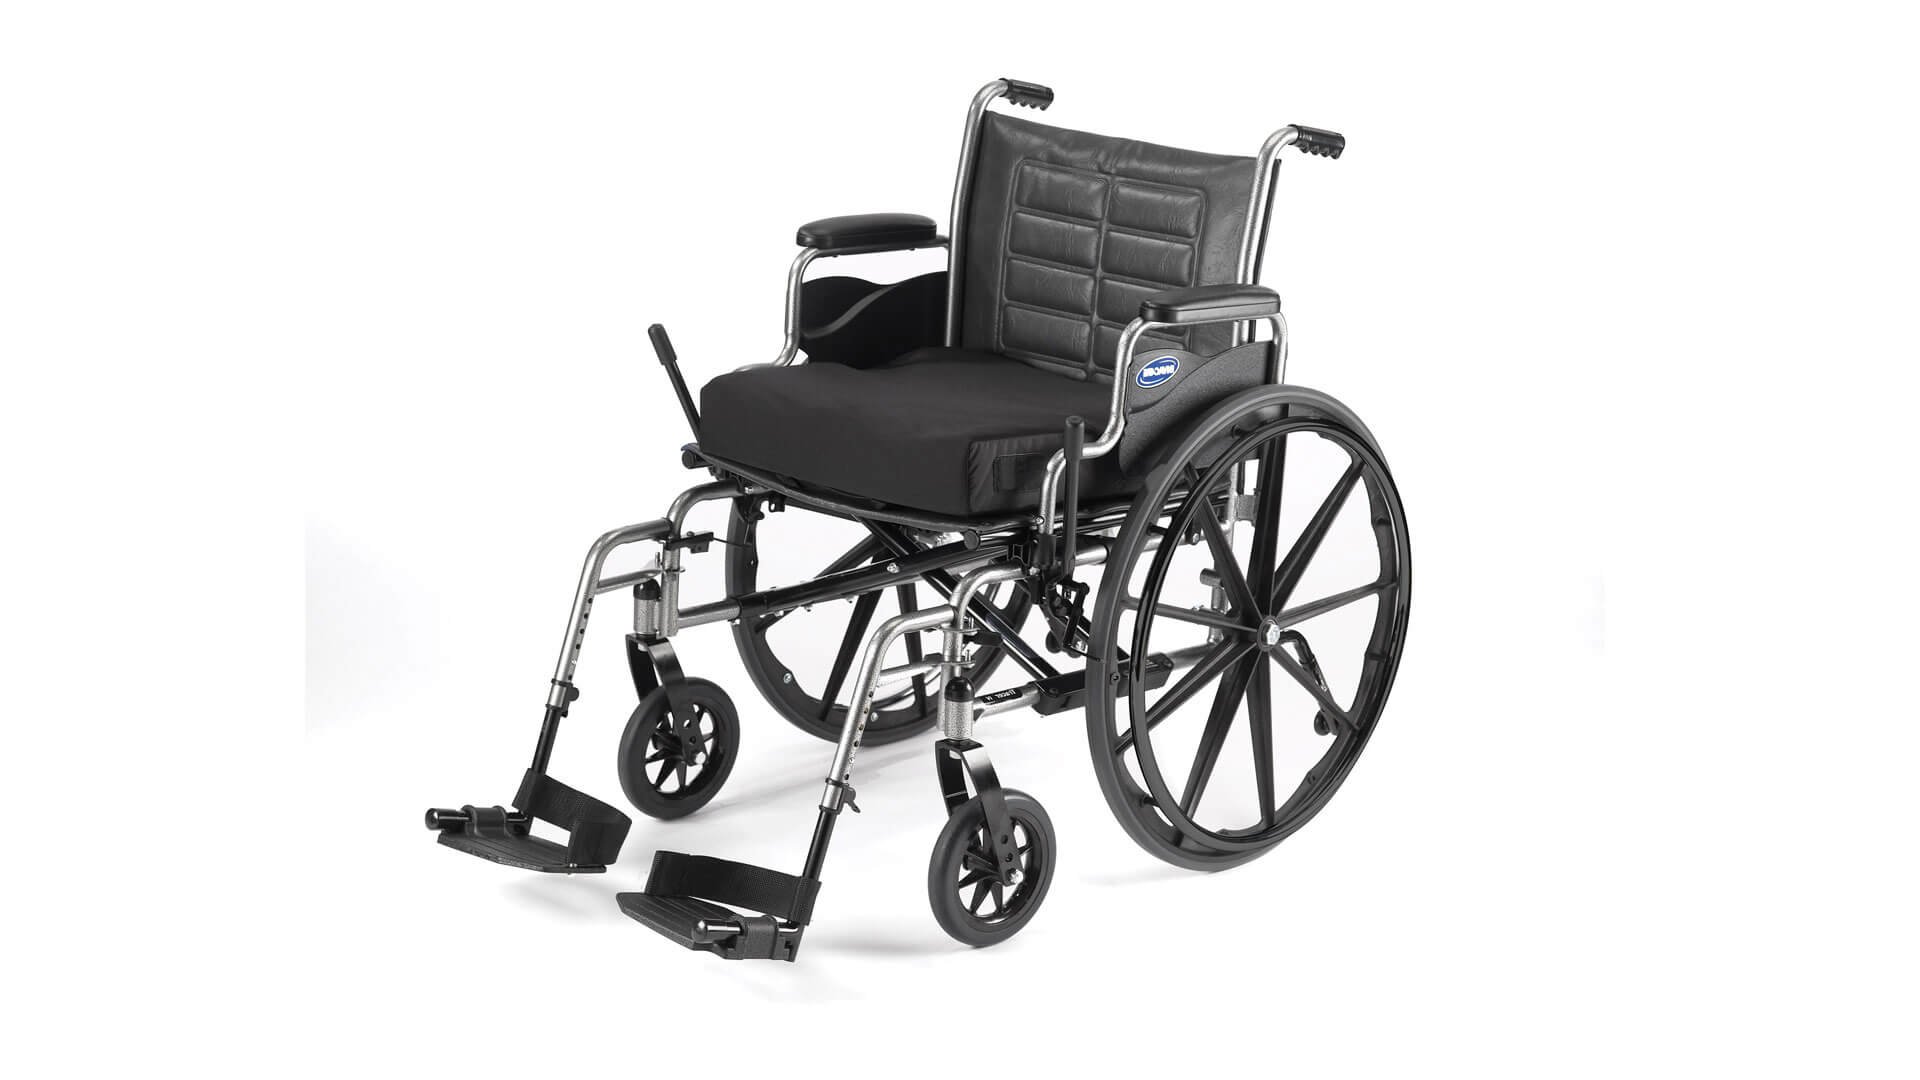 Invacare Light Weight Tracer Ex2 20 Wheelchair Best